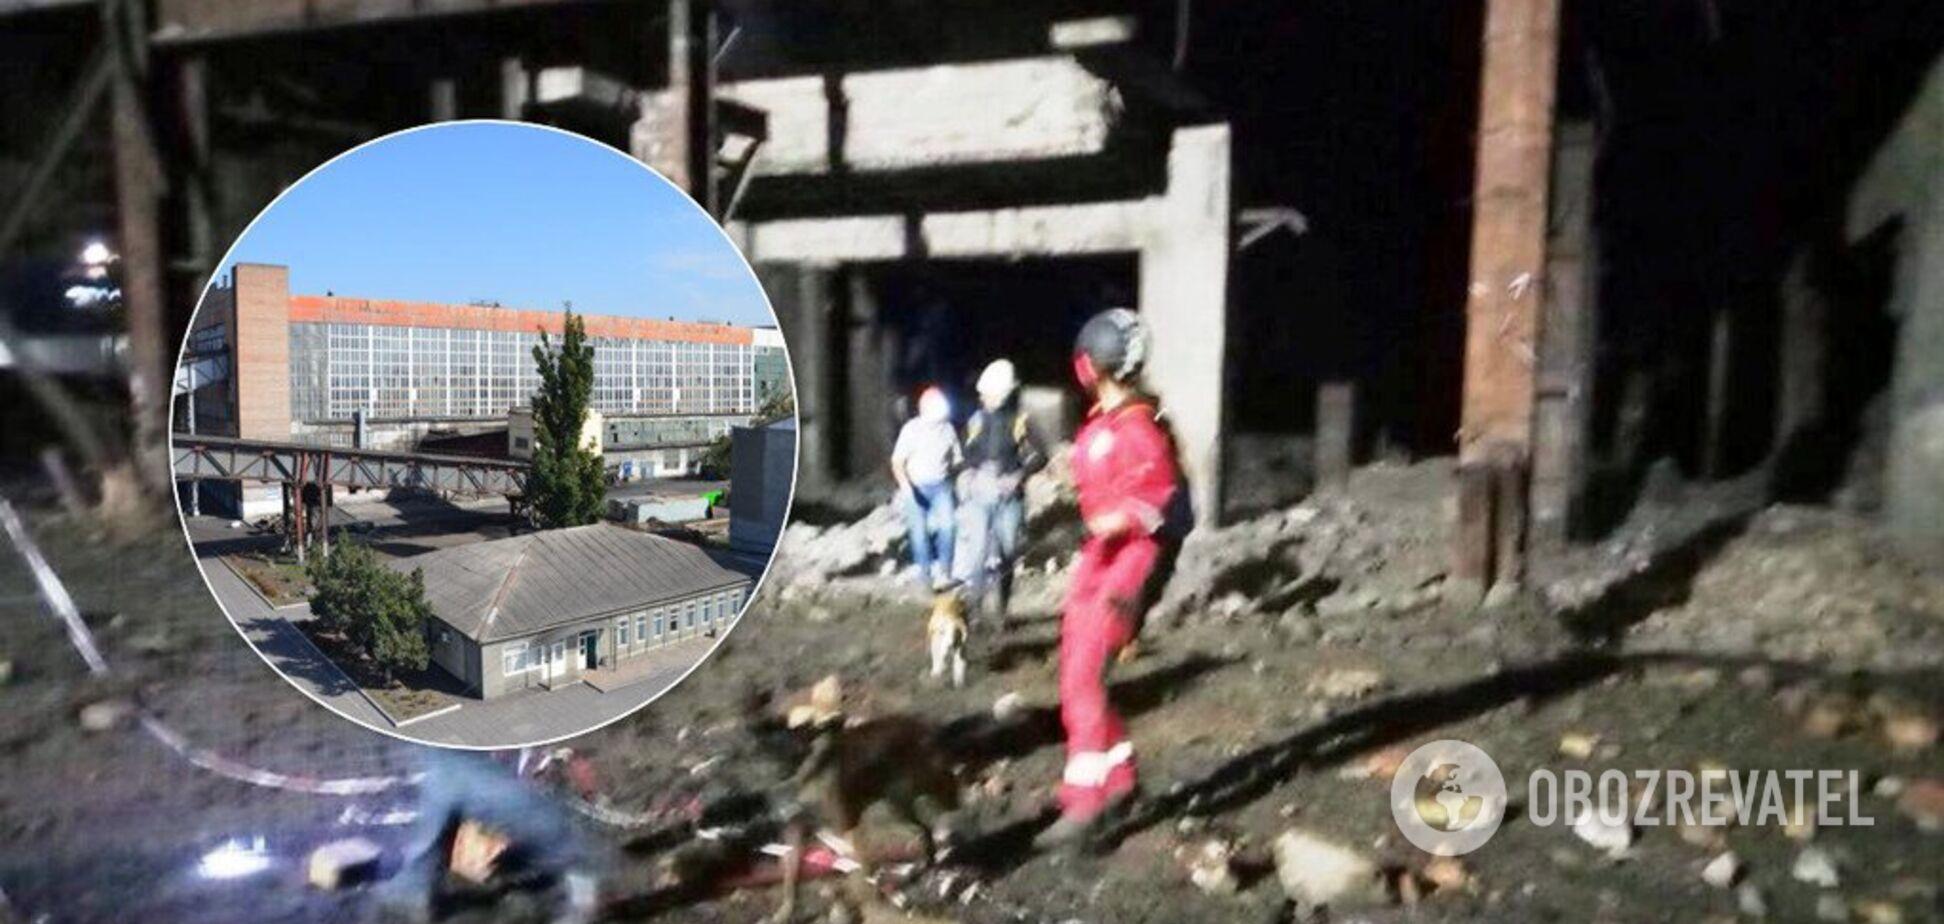 Под Днепром обвалившееся здание убило мужчину: фото с места ЧП